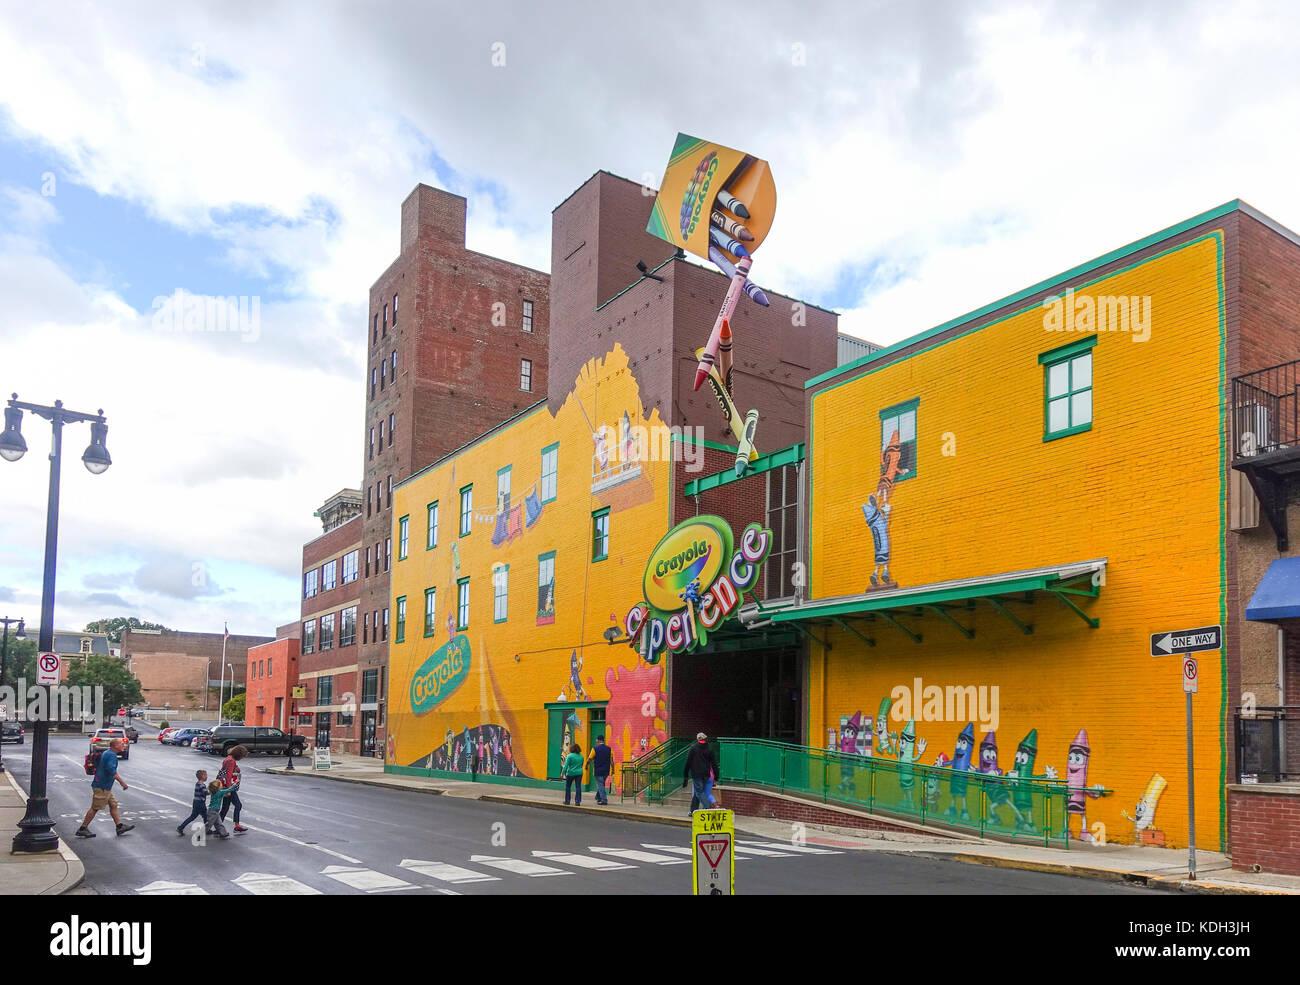 crayola factory stock photos crayola factory stock images alamy